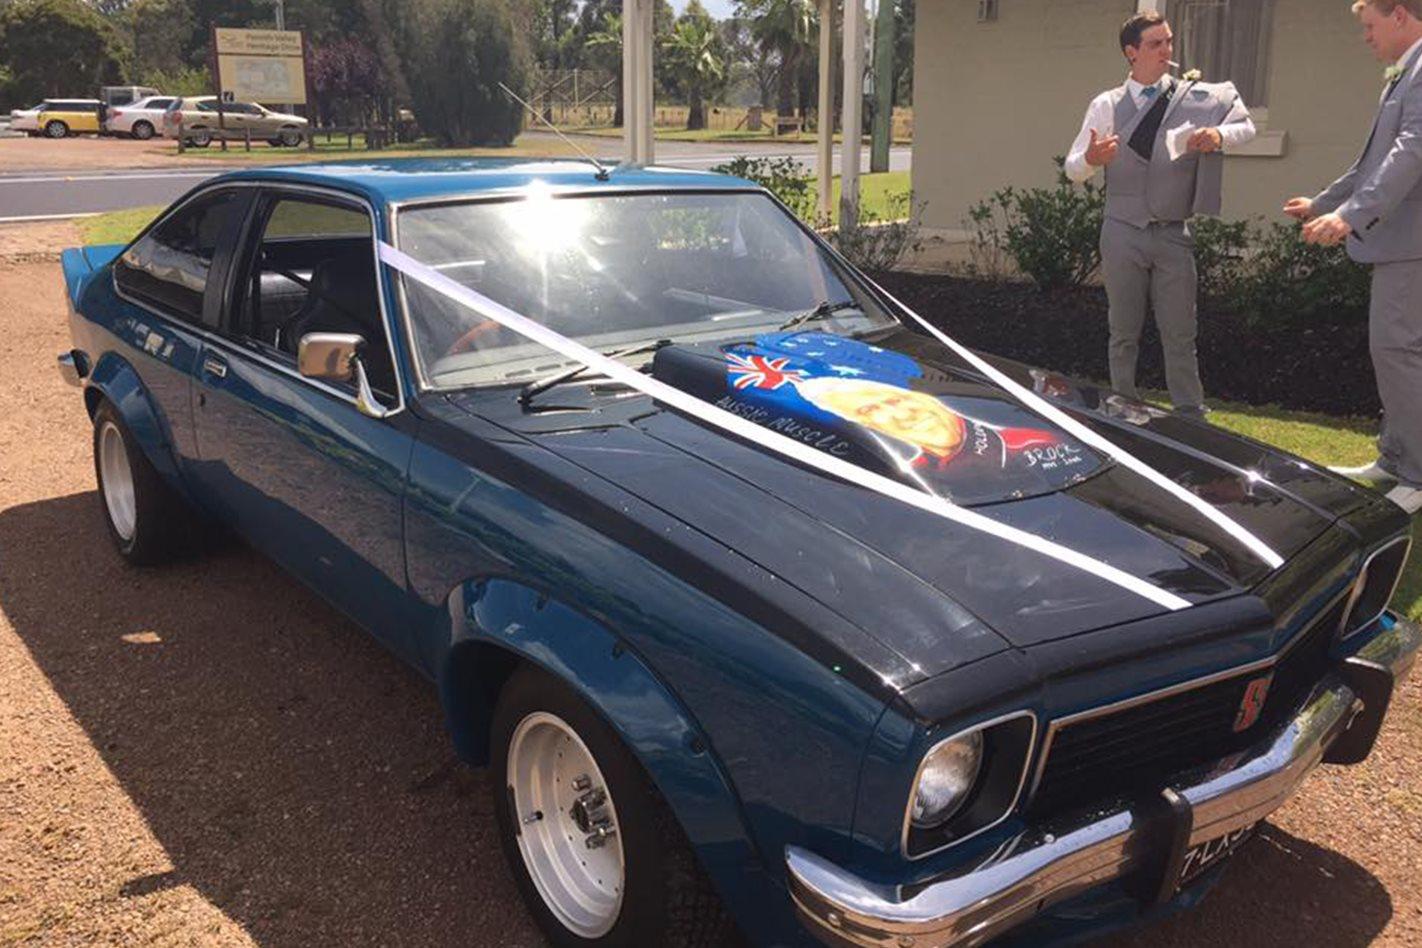 Daniel Aitchison's Torana wedding car